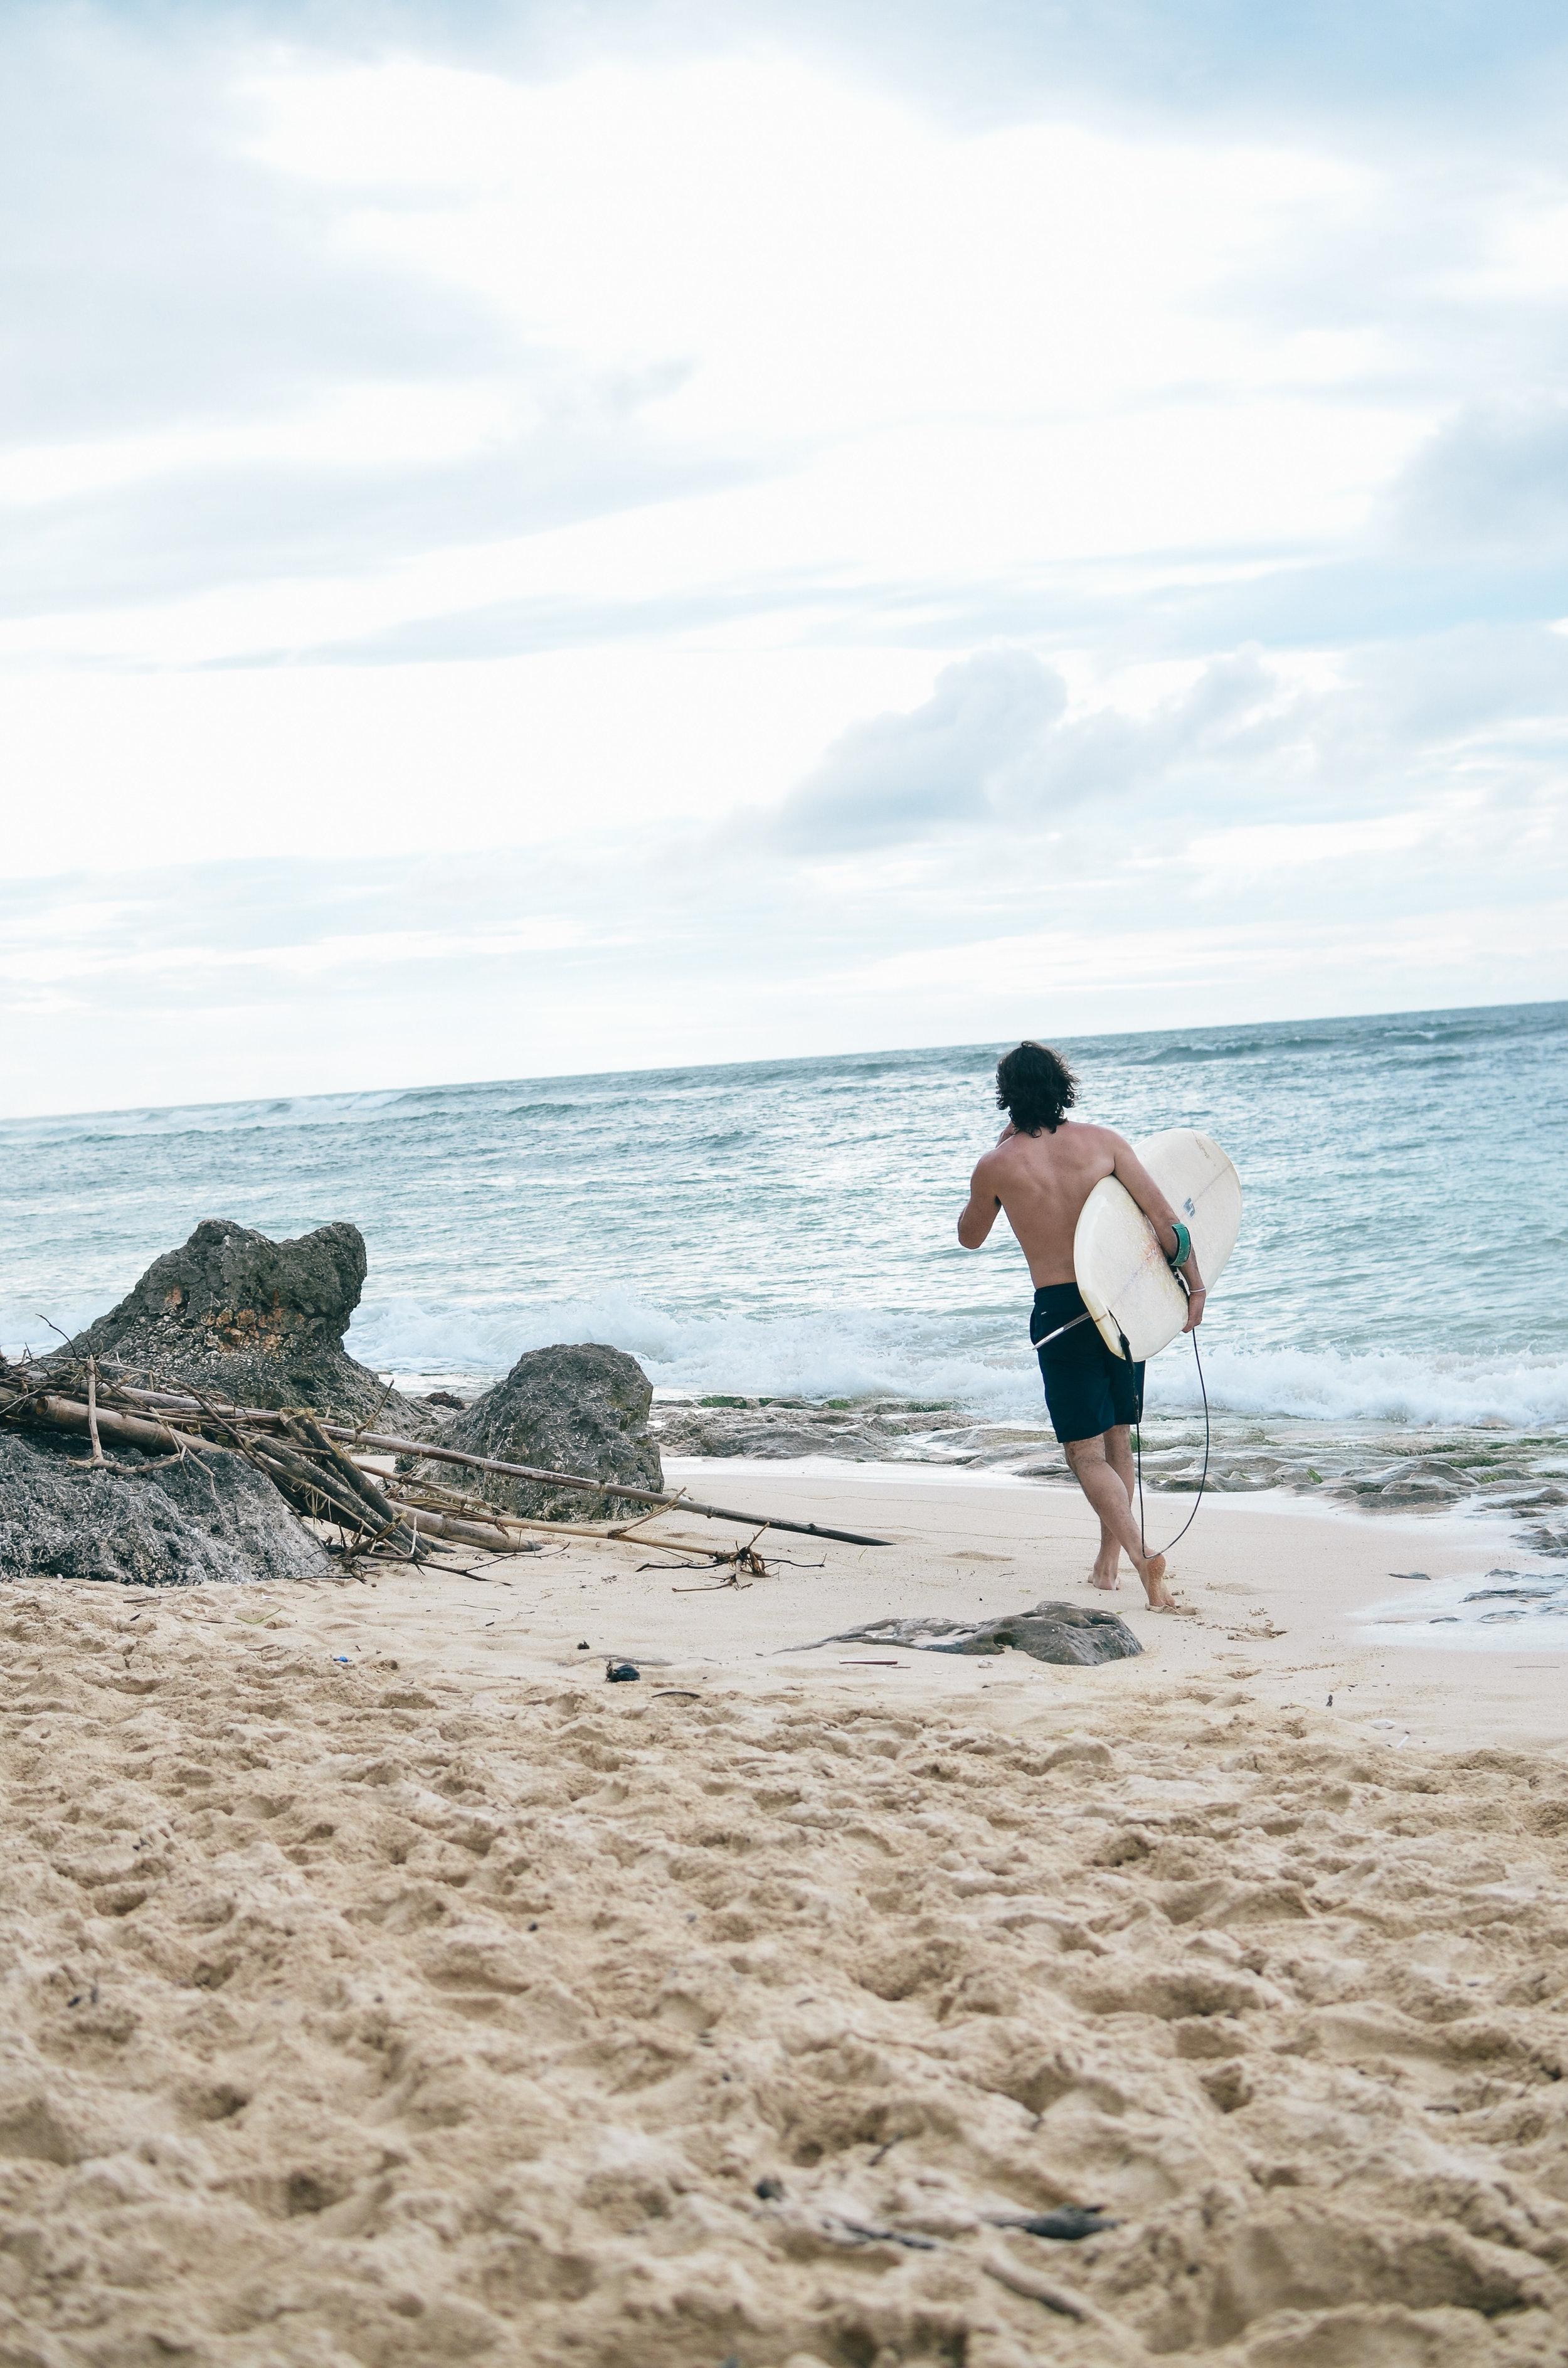 bingin+beach+bali+padang+lifeonpine_DSC_1816.jpg